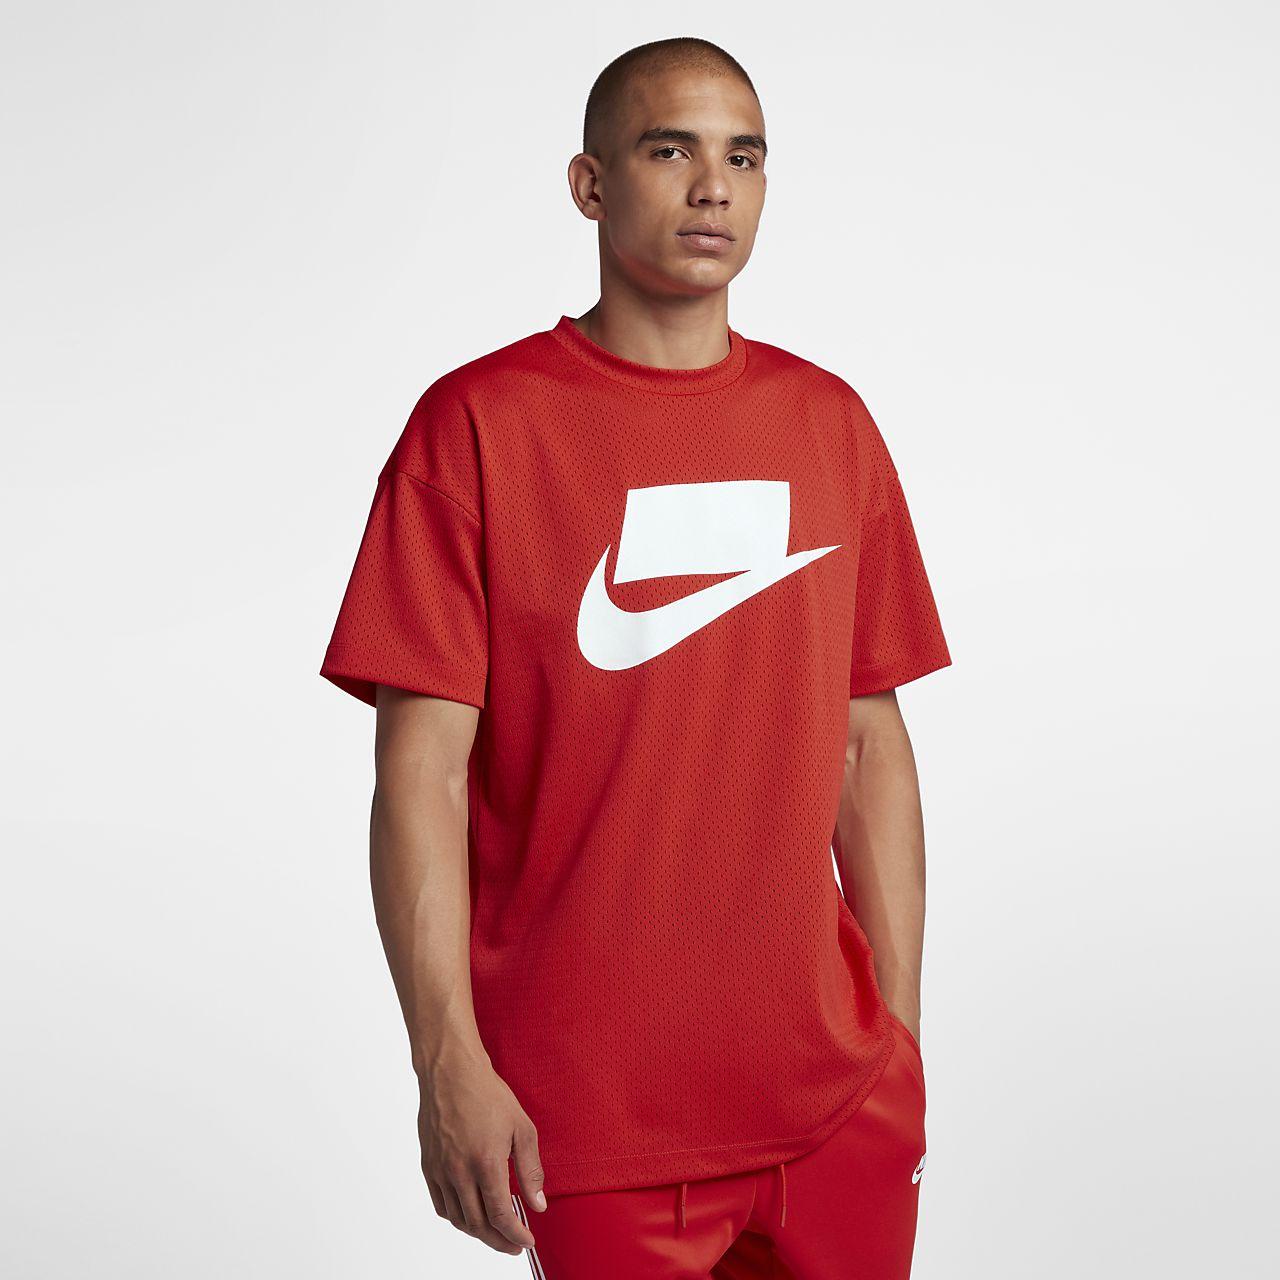 Nike Sportswear Men s Short Sleeve Top. Nike.com 8d9c73acc